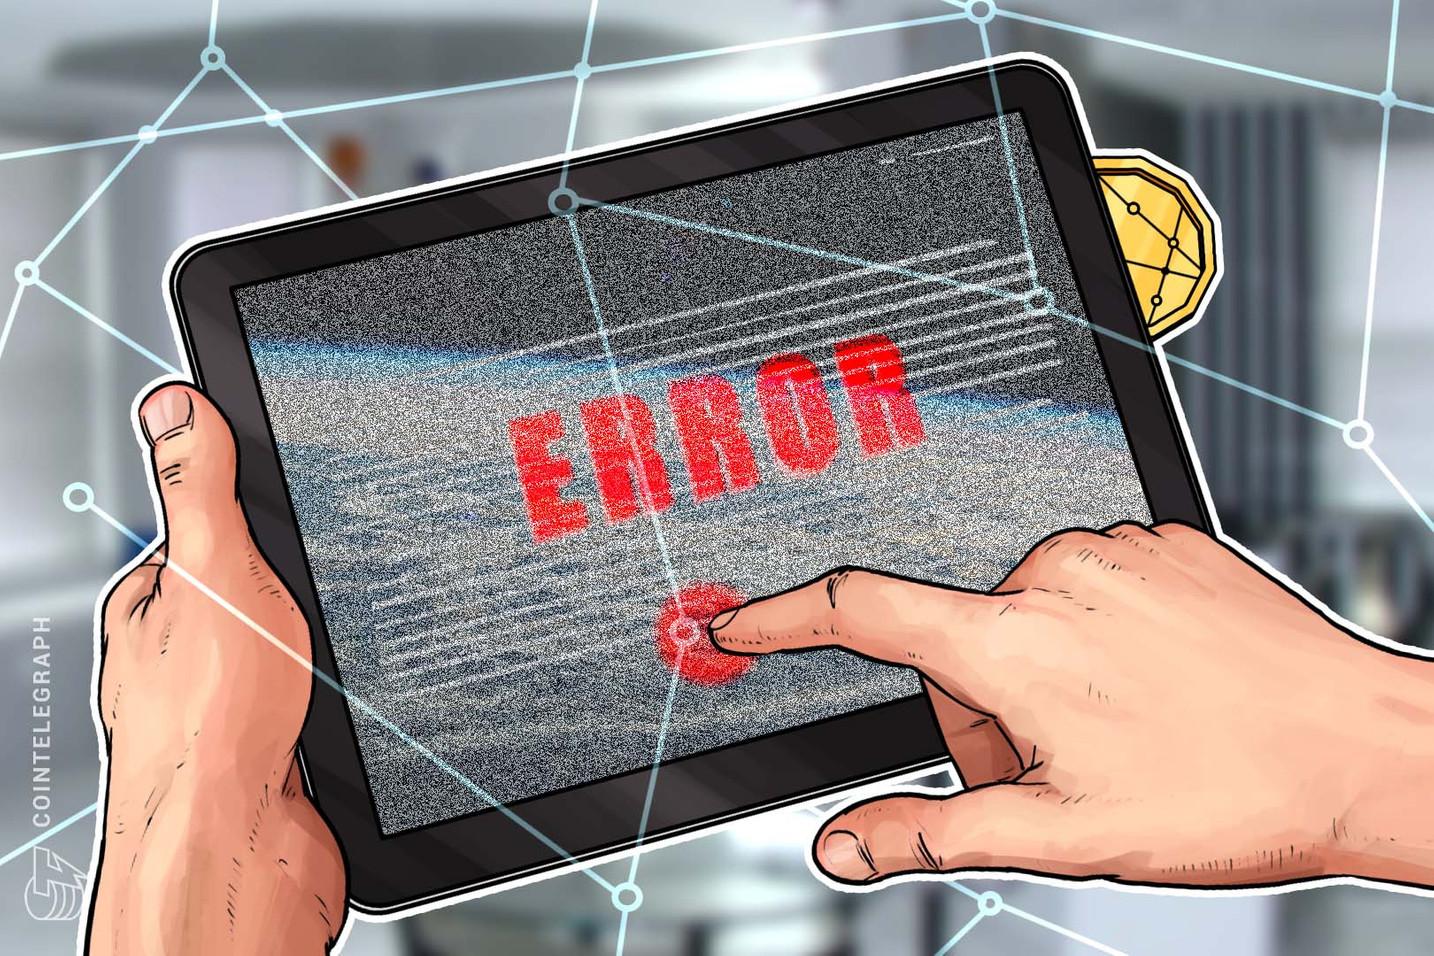 IoT業界でブロックチェーン技術の導入進む セキュリティへの関心から採用数が倍増=ジェムアルトが調査